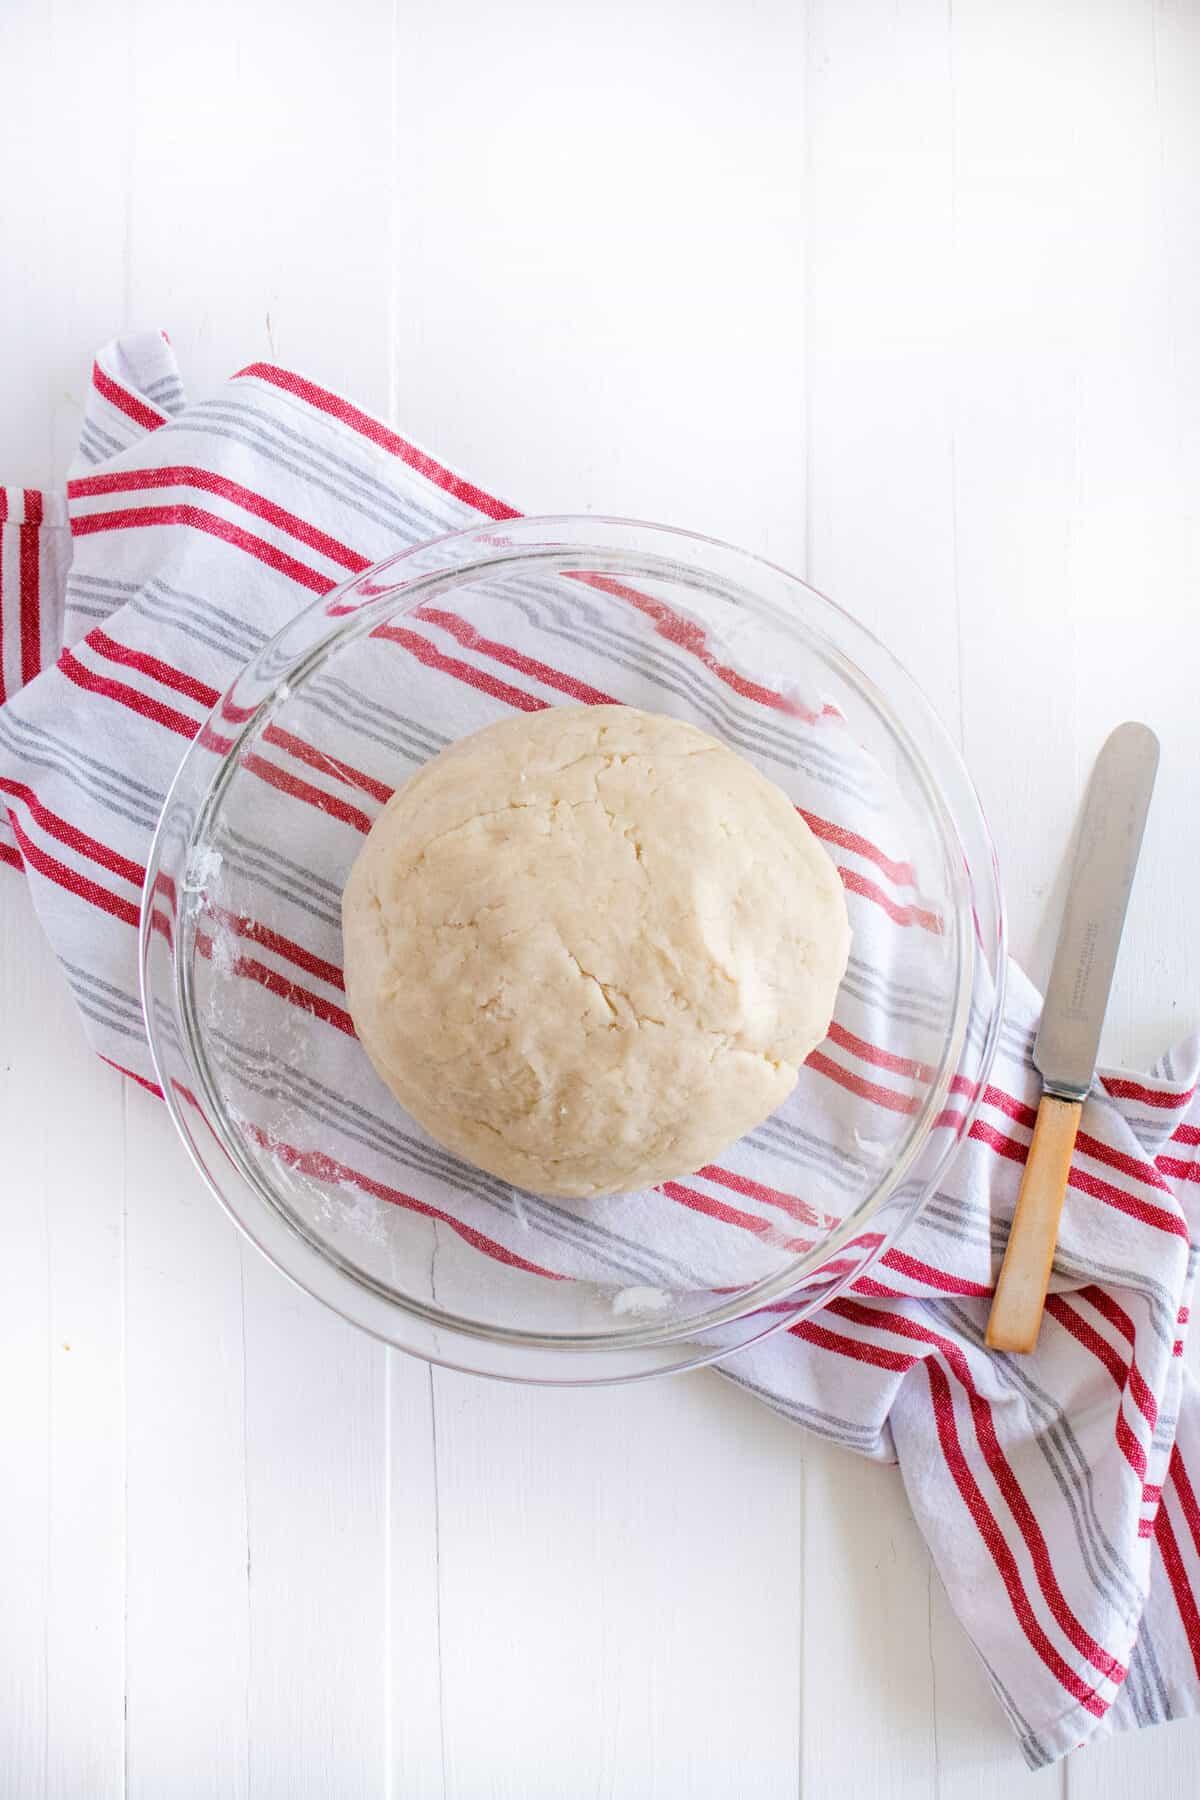 pie crust dough in a ball in a clear bowl